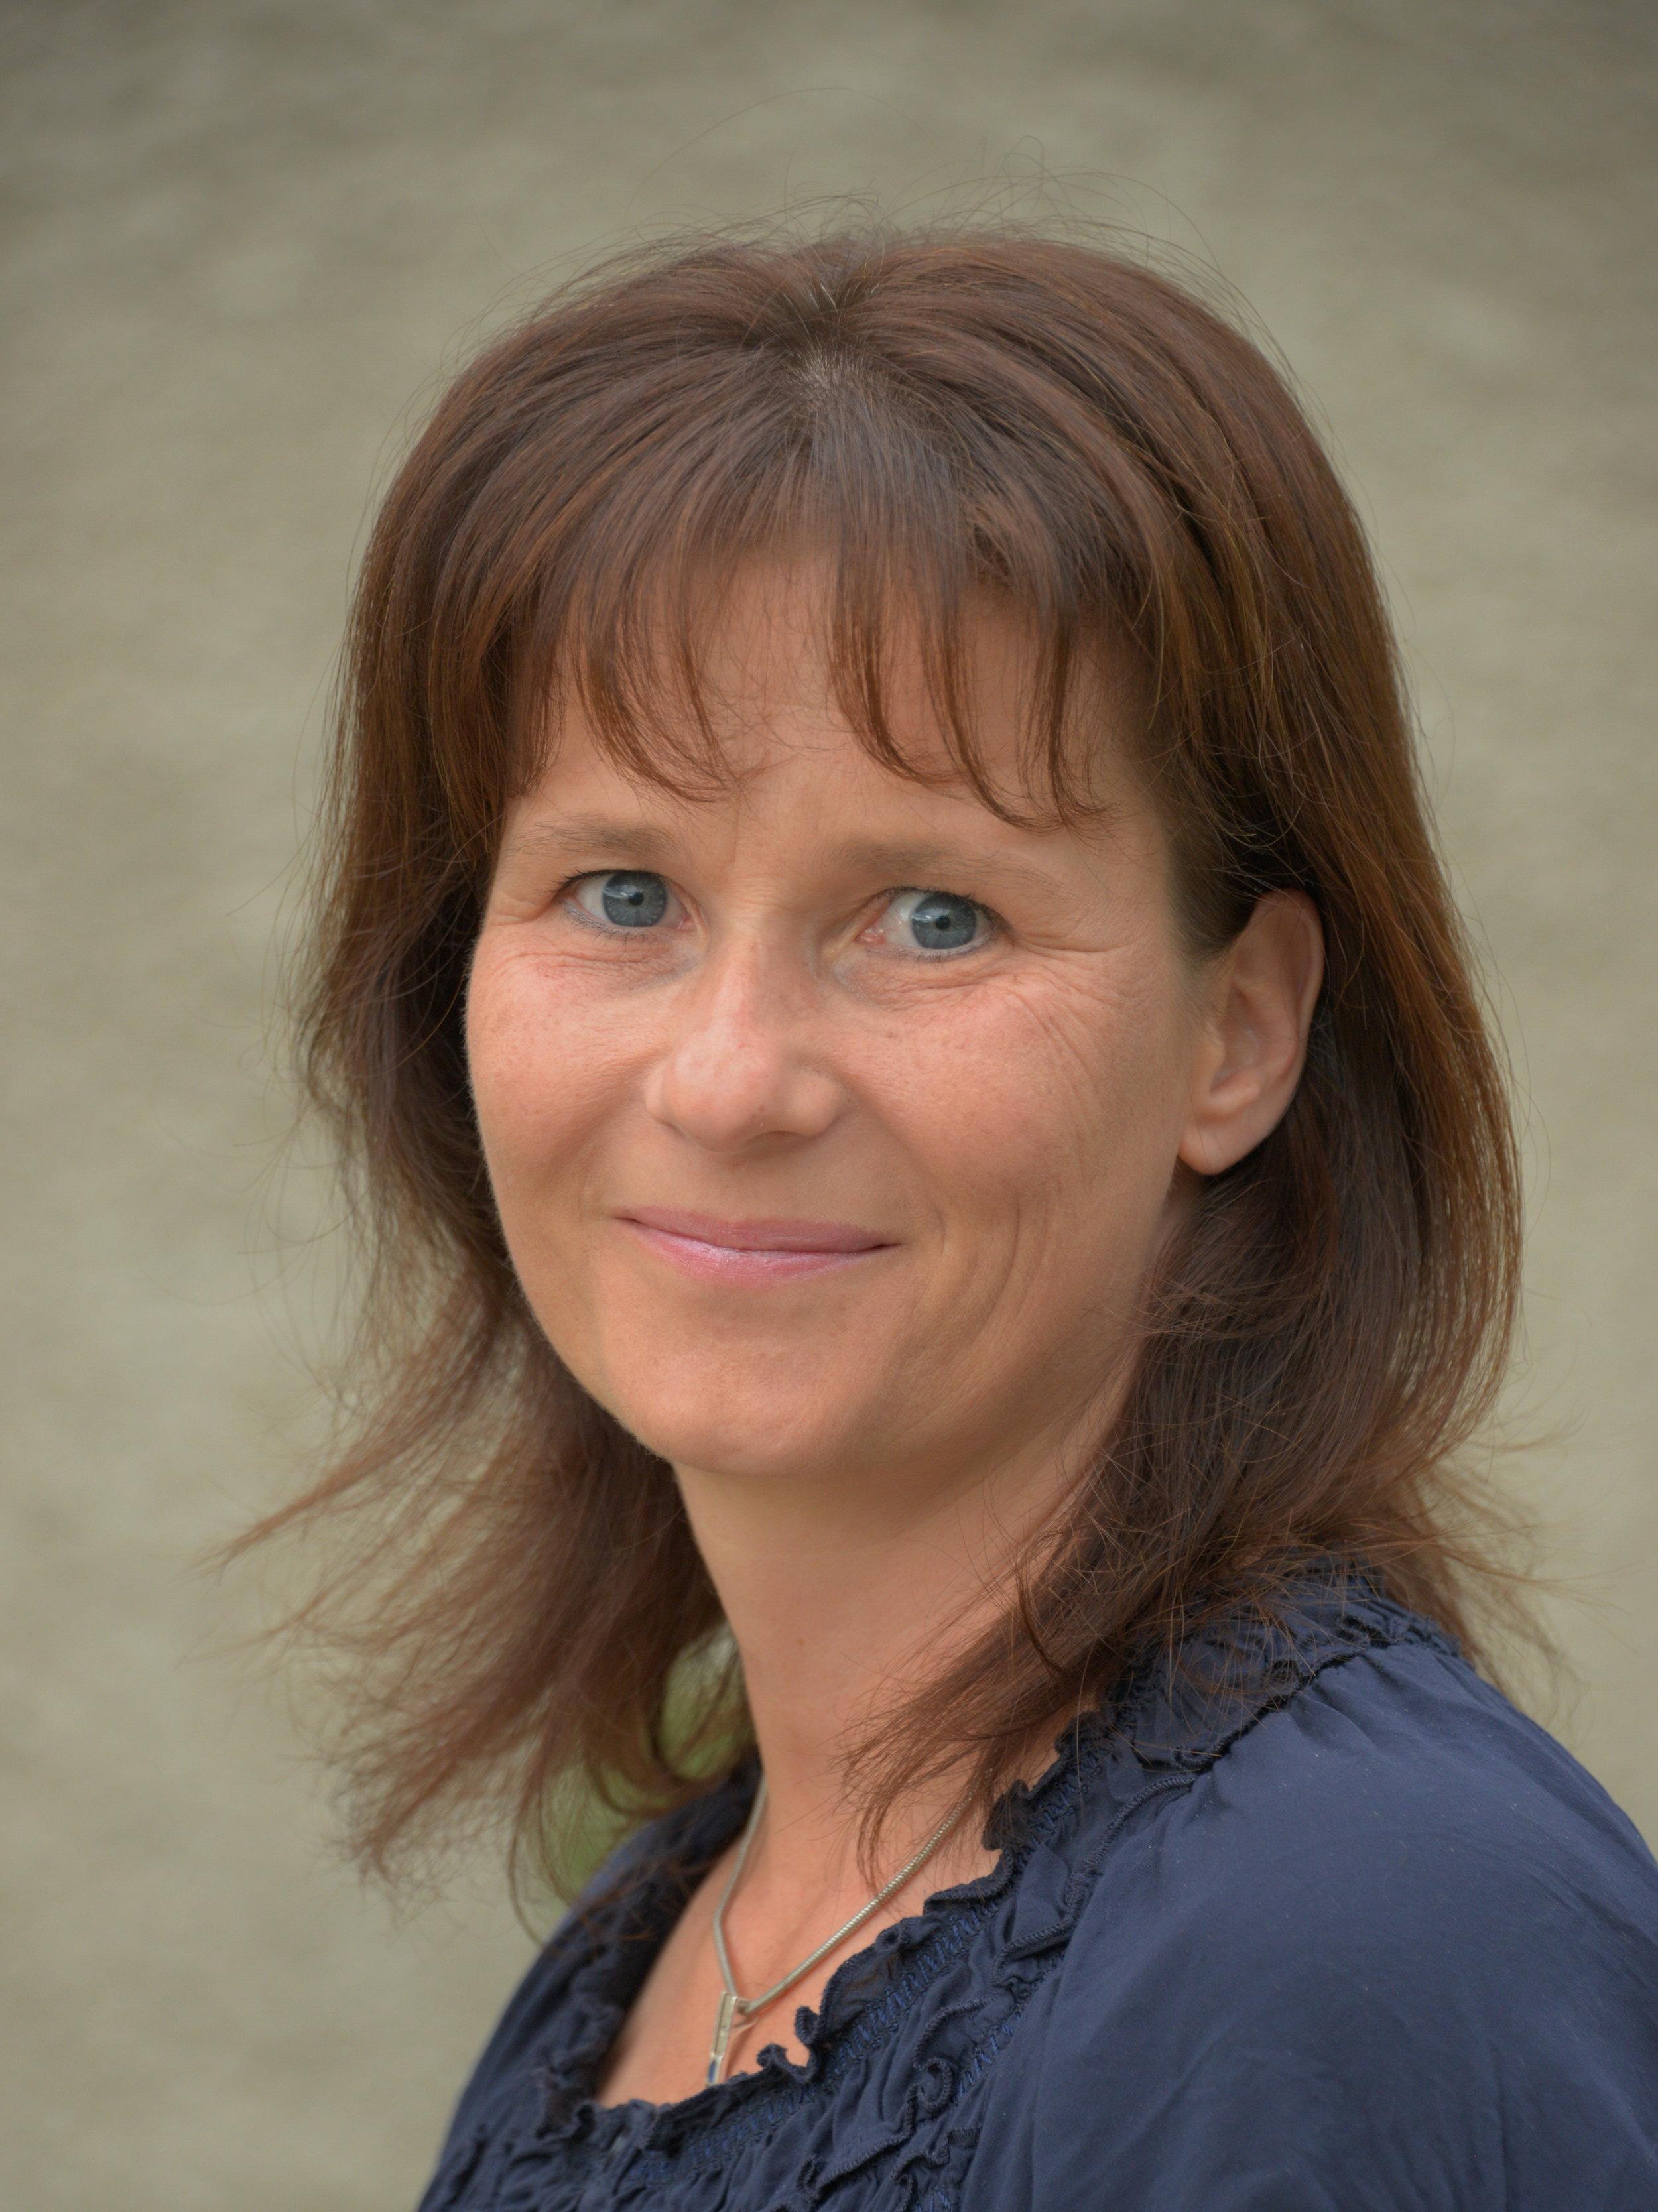 Birgit Gstettner